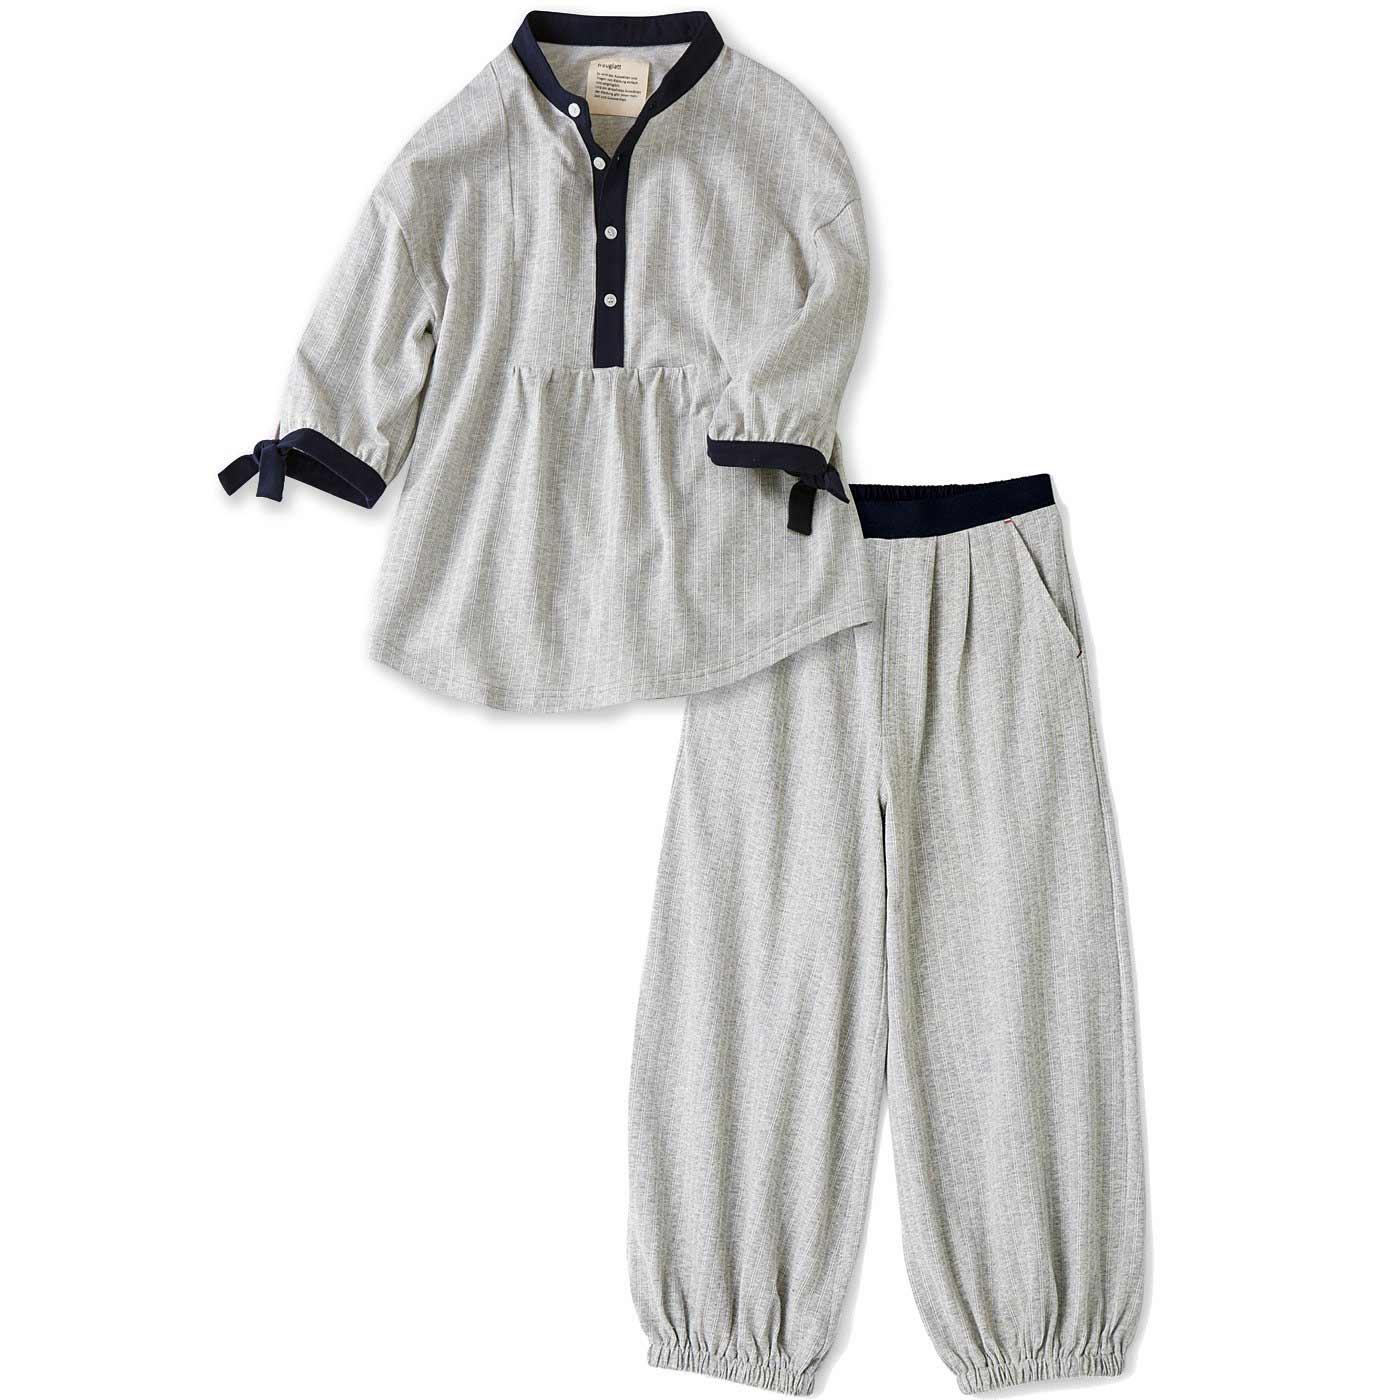 フラウグラット 布帛(ふはく)見えするのに実はらくちん ちょっと外にも部屋着にもそのまま寝られるウェアセット〈グレー×オフ白(ストライプ)〉